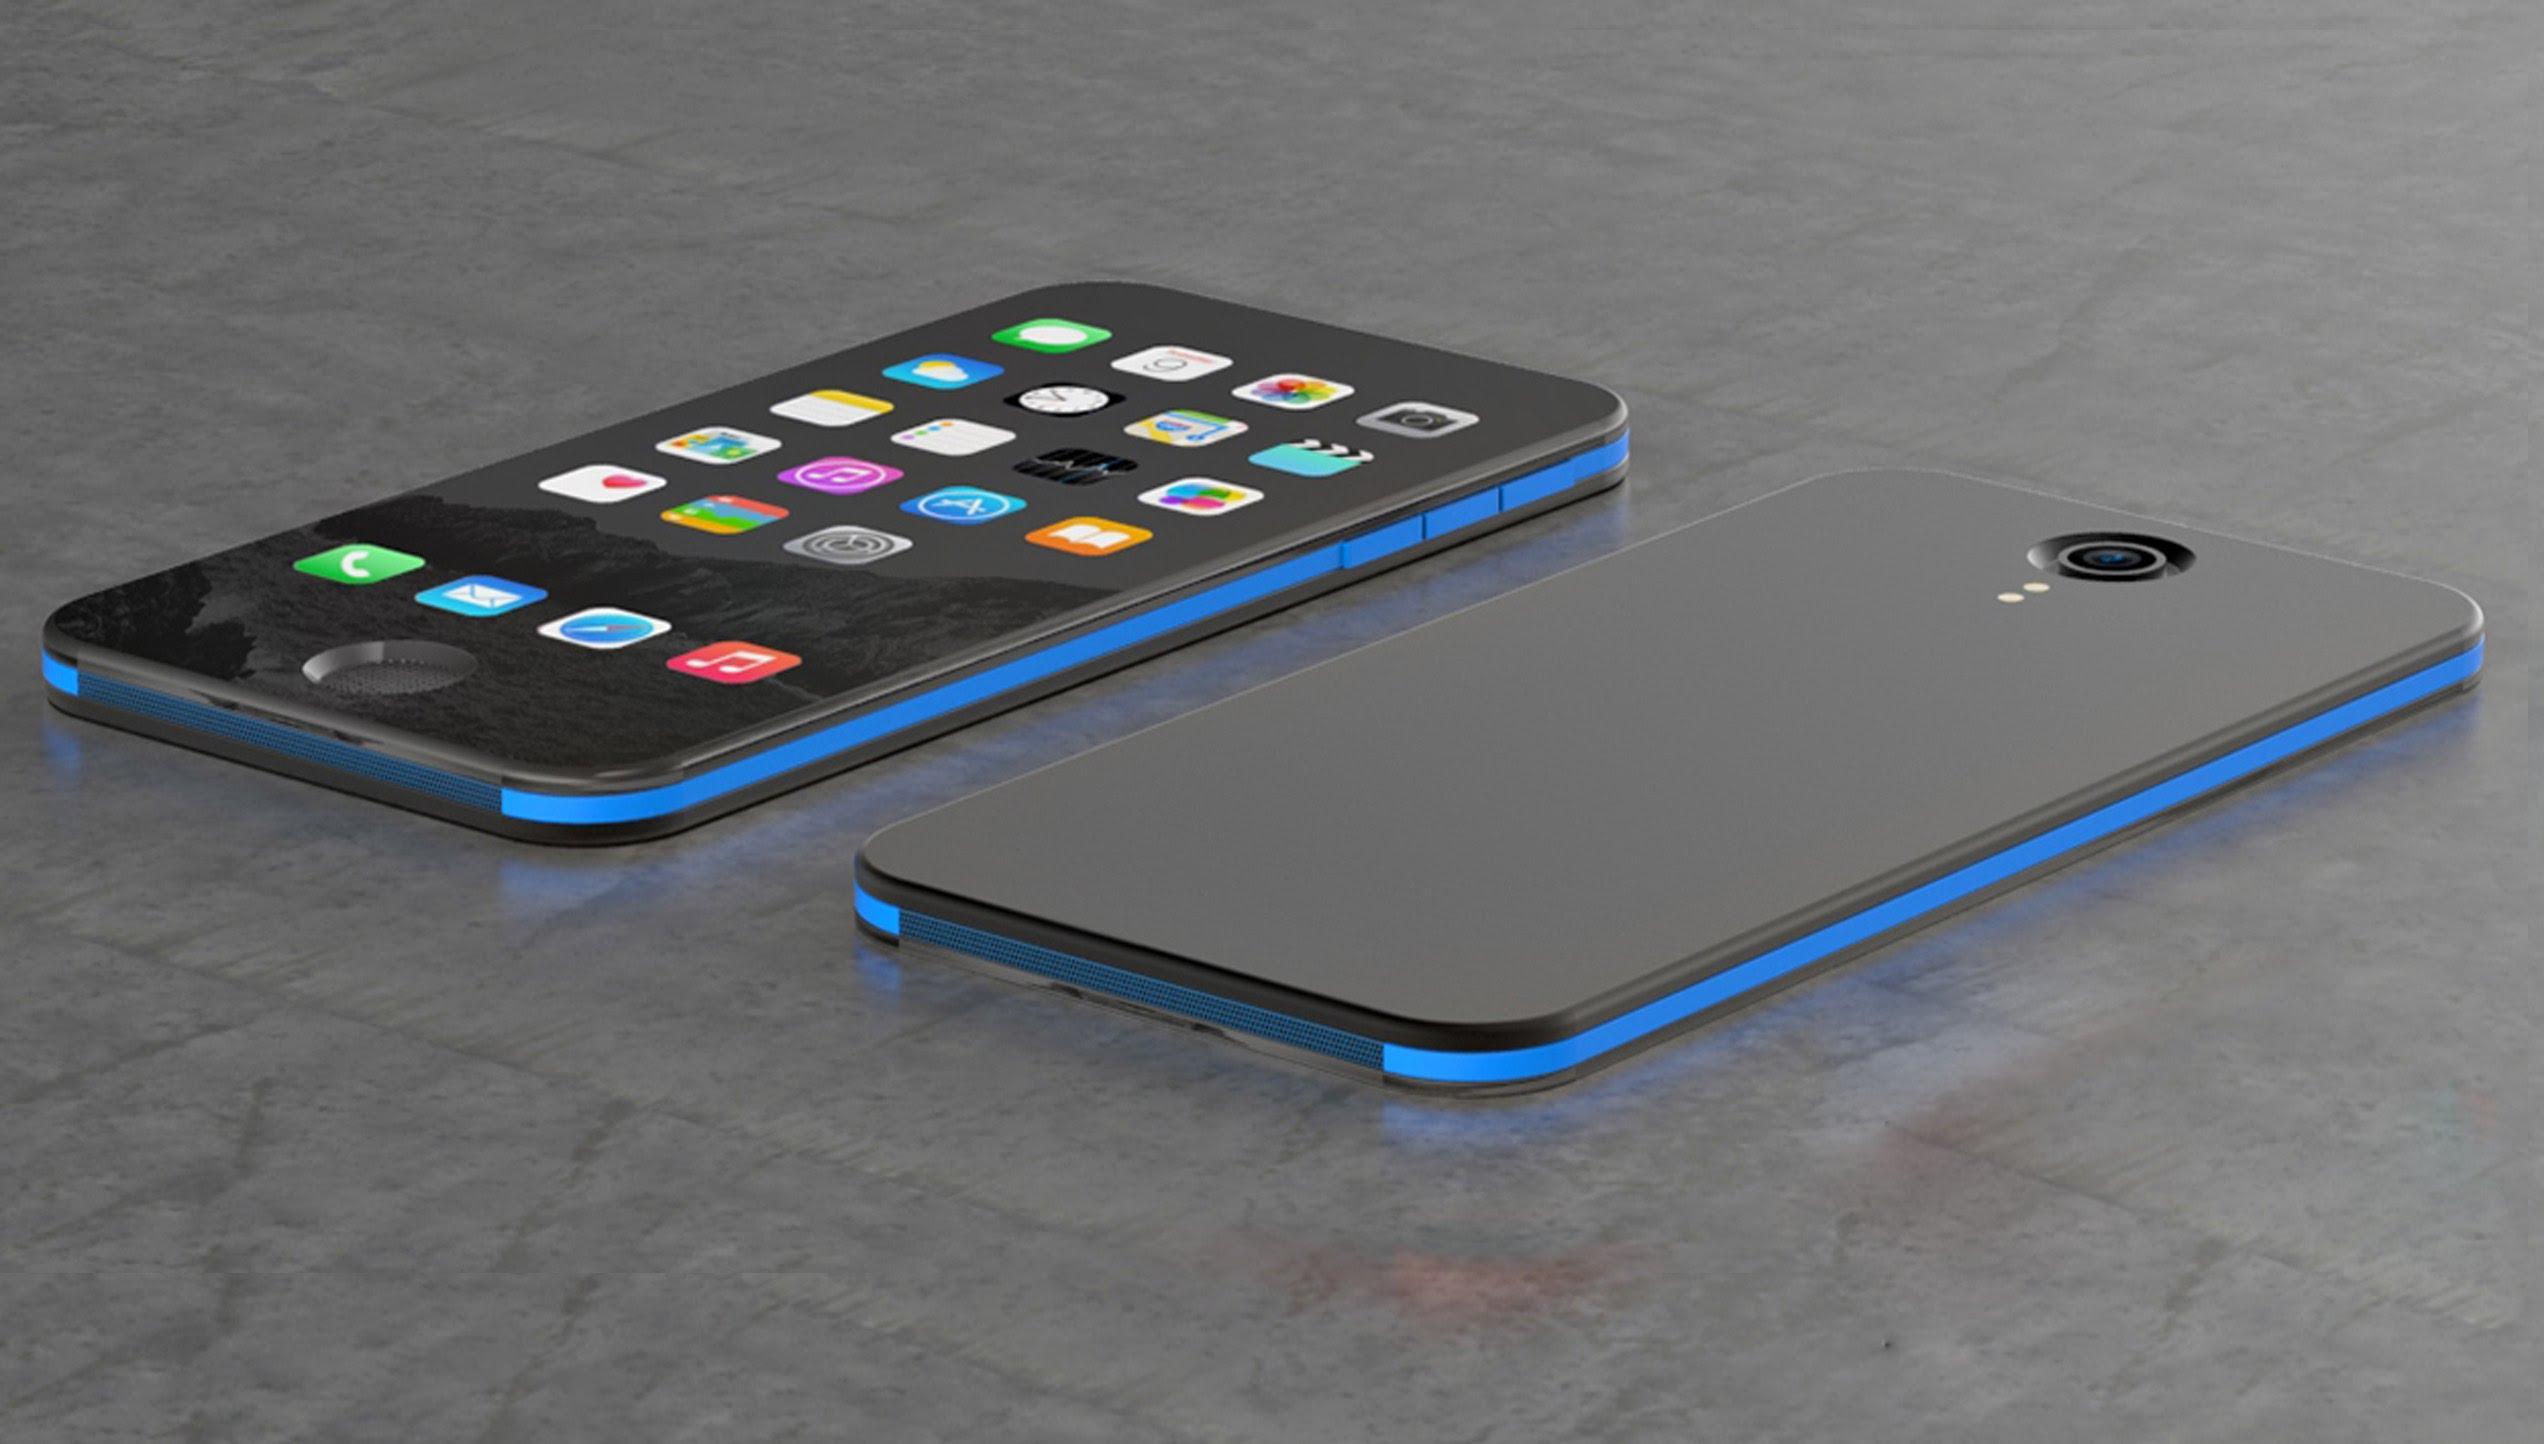 Bạn sẽ tậu ngay điện thoại iPhone 8 cũ 256 Gb khi biết những điều này 3